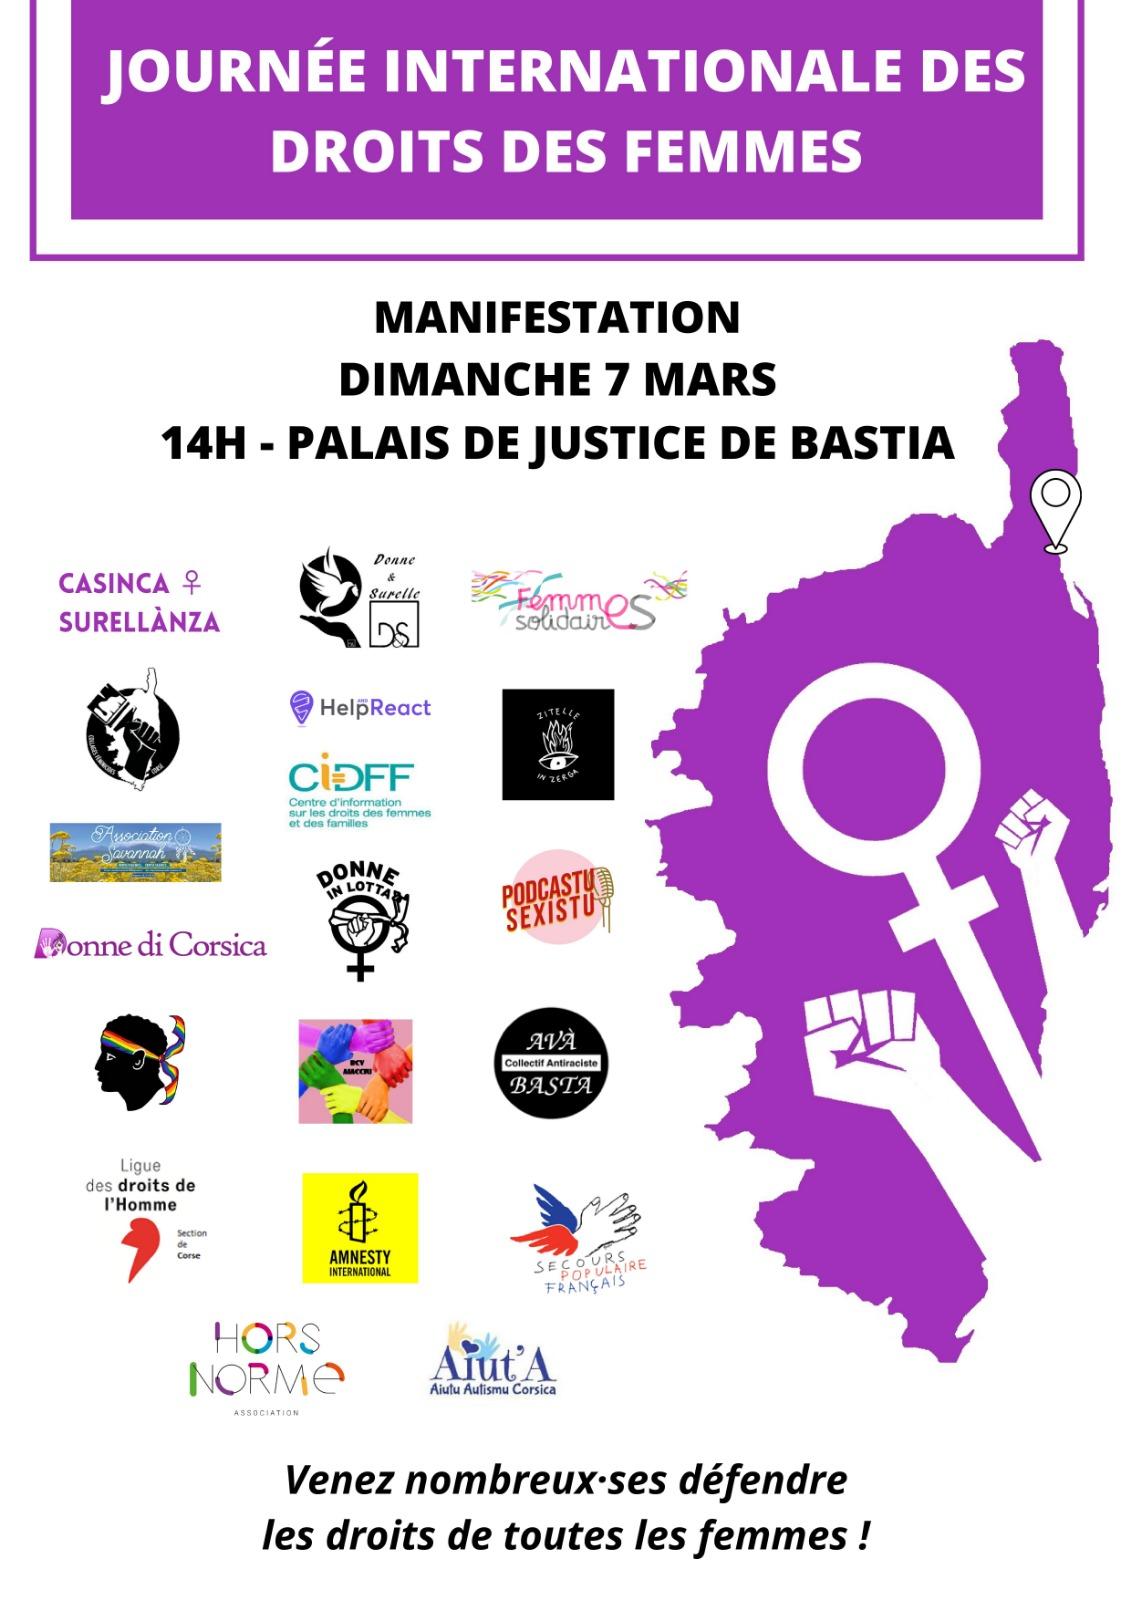 Evénements à venir : Journée Internationale pour les droits des femmes …